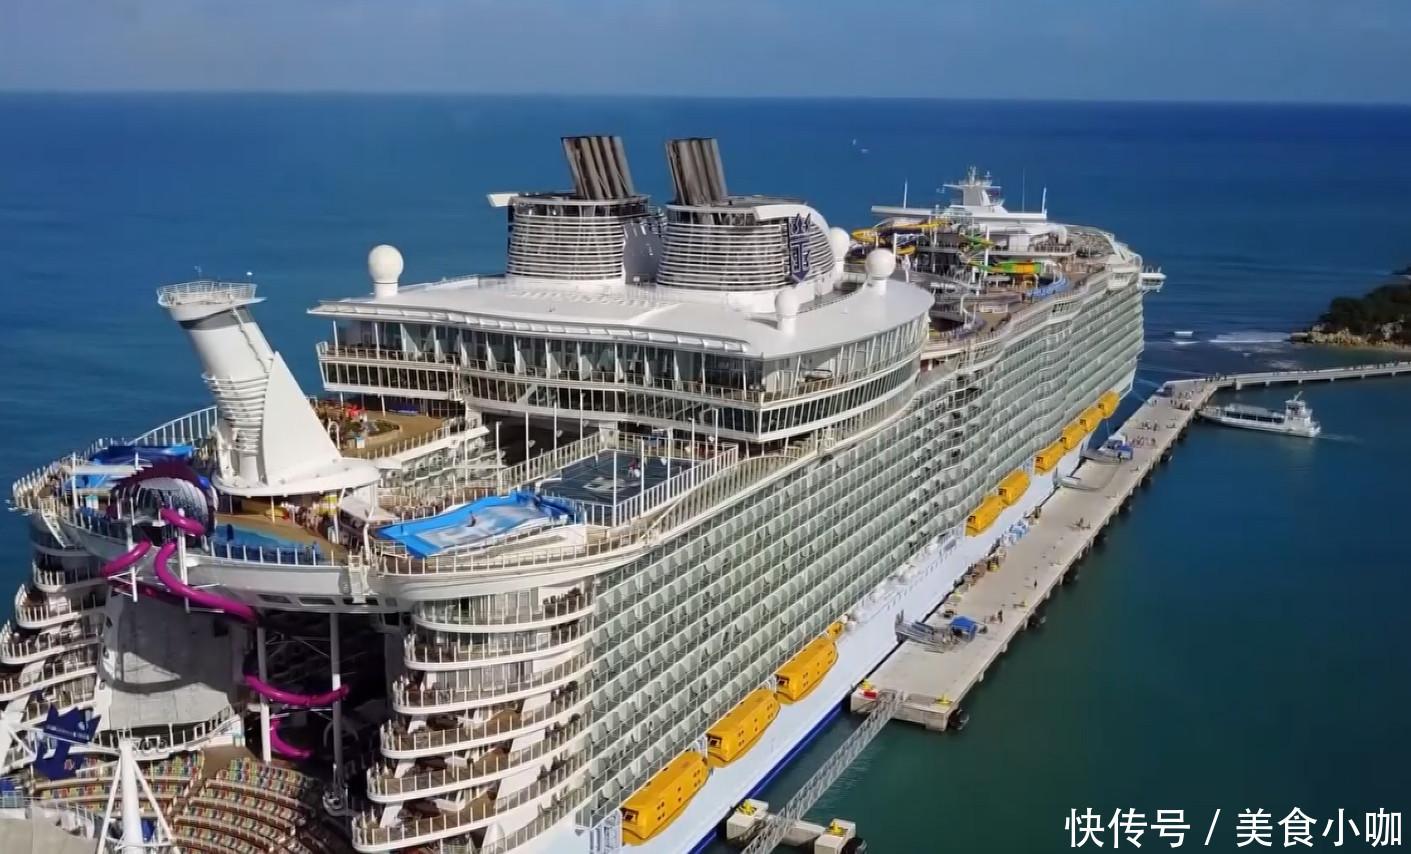 最大游轮_世界上最大的游轮耗资超过70亿?比泰坦尼克号都要长